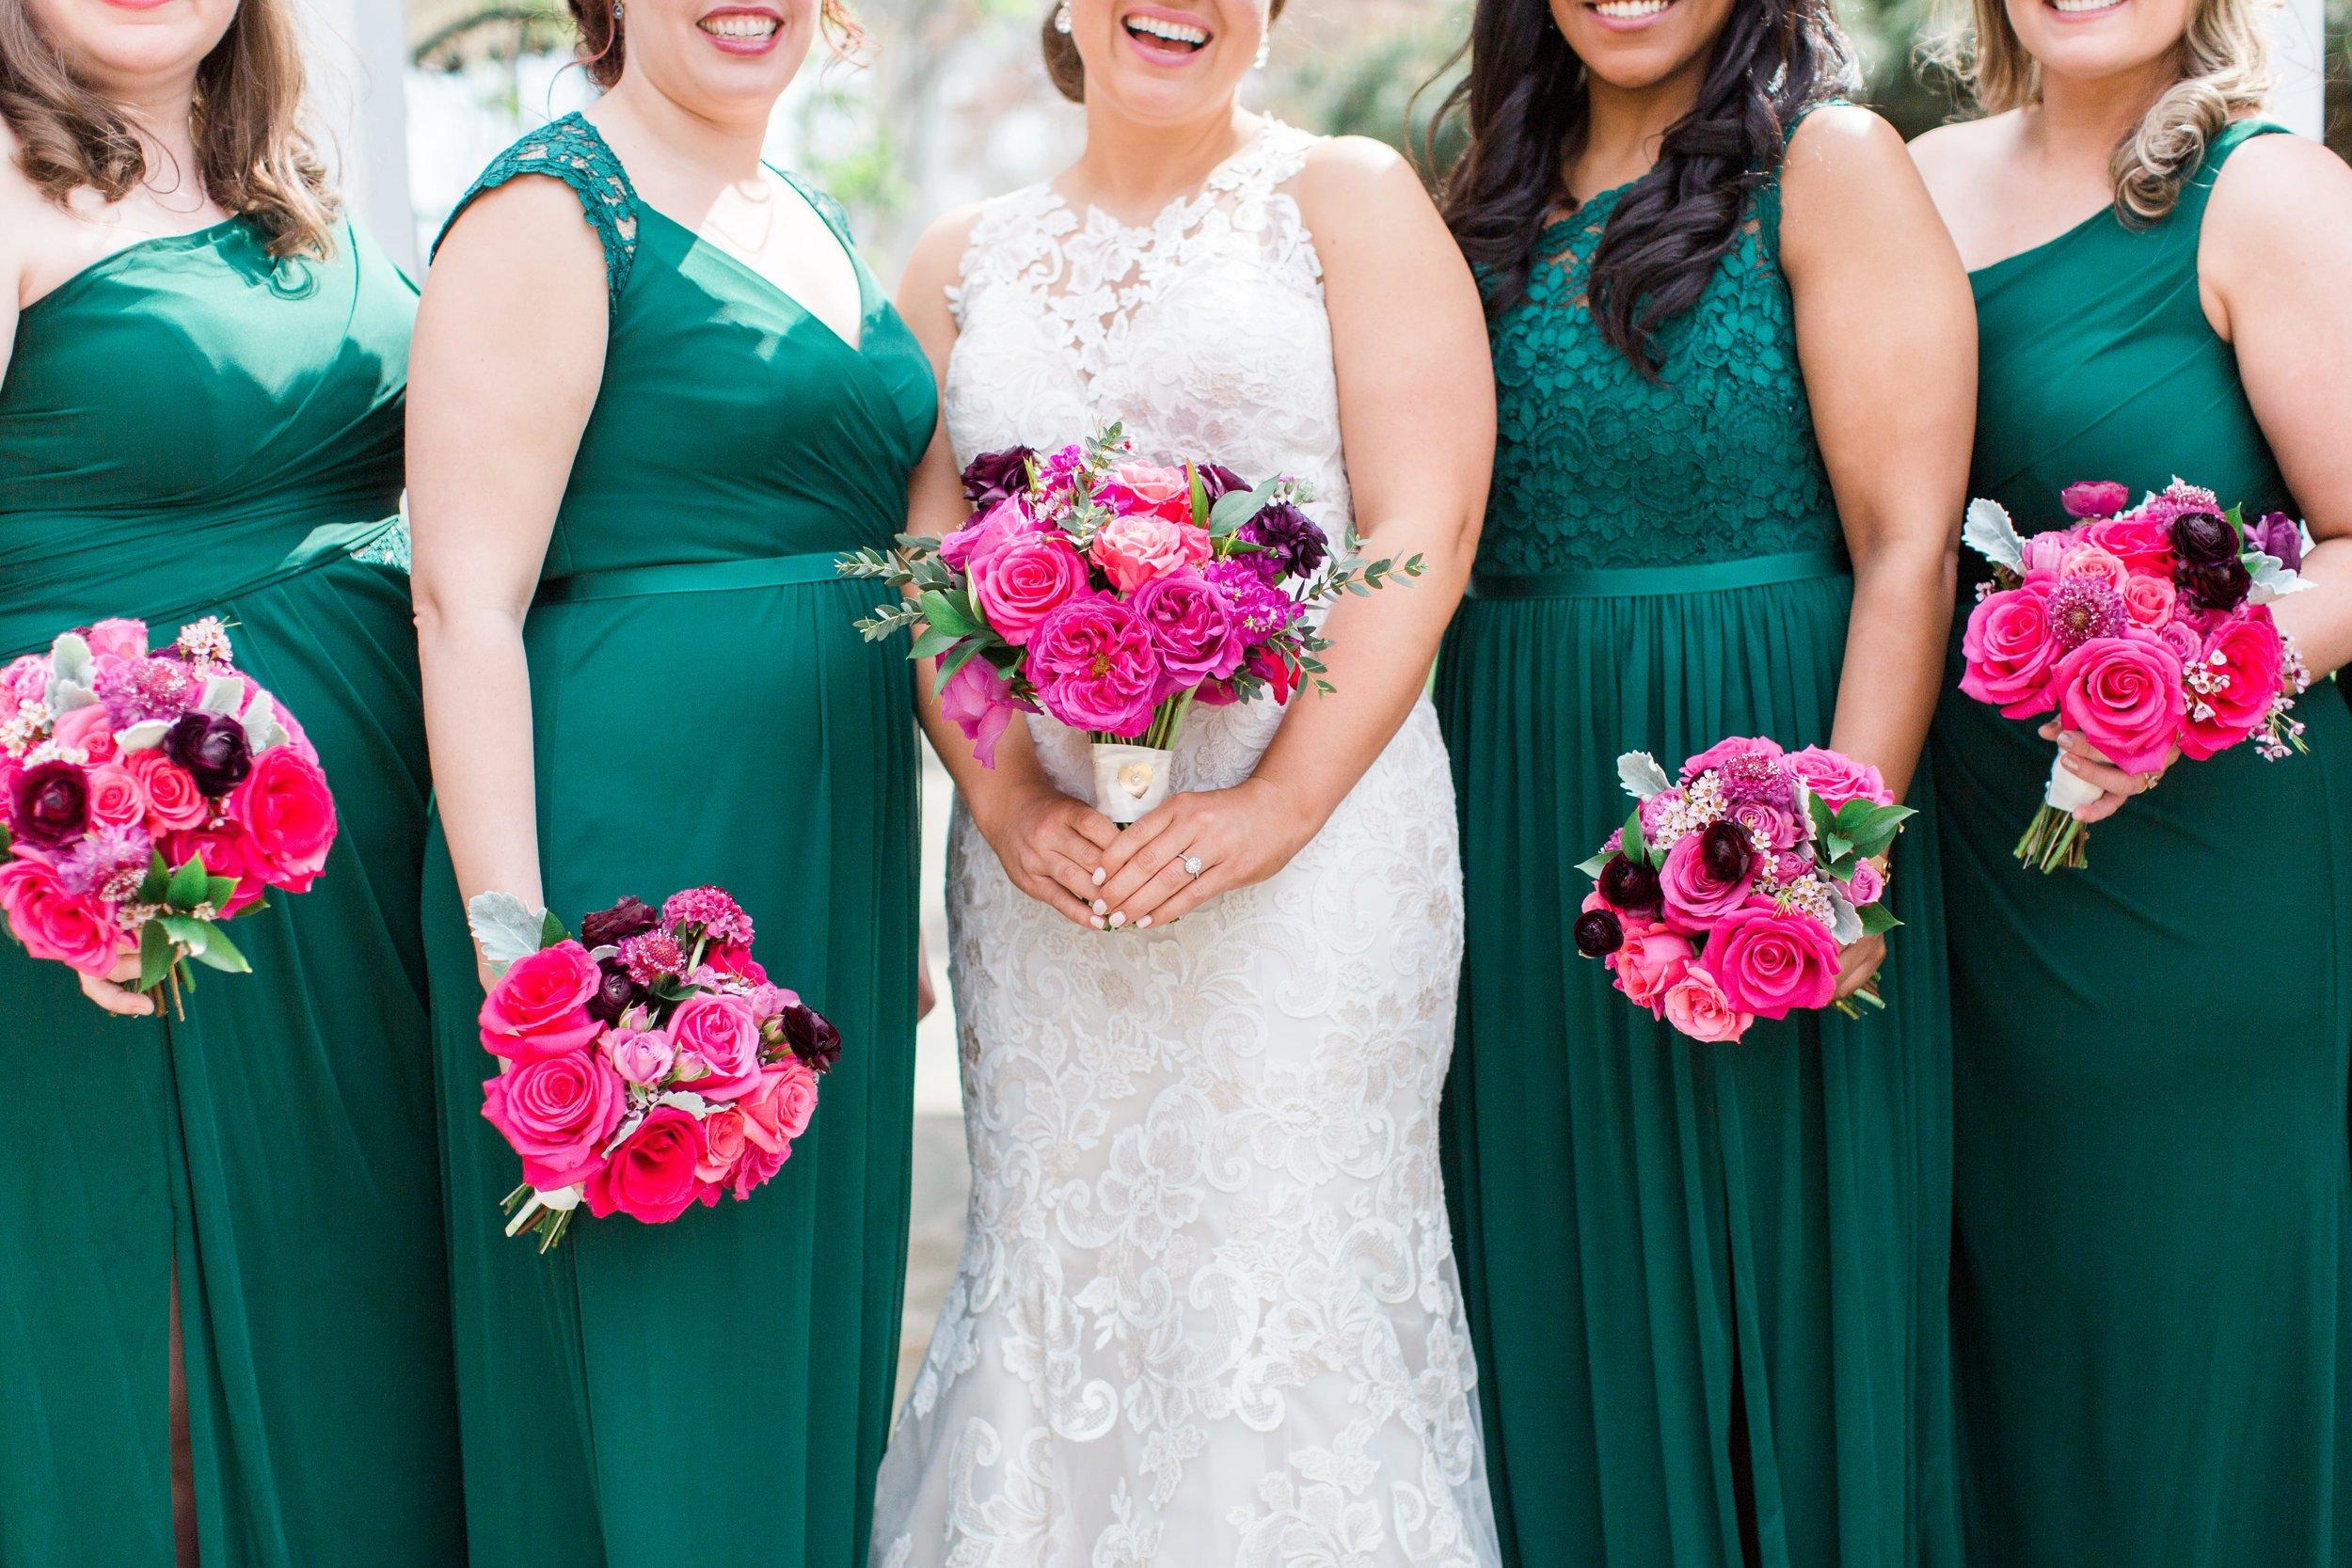 Lost Creek Winery Wedding JR Flowers_(1)-min.jpg